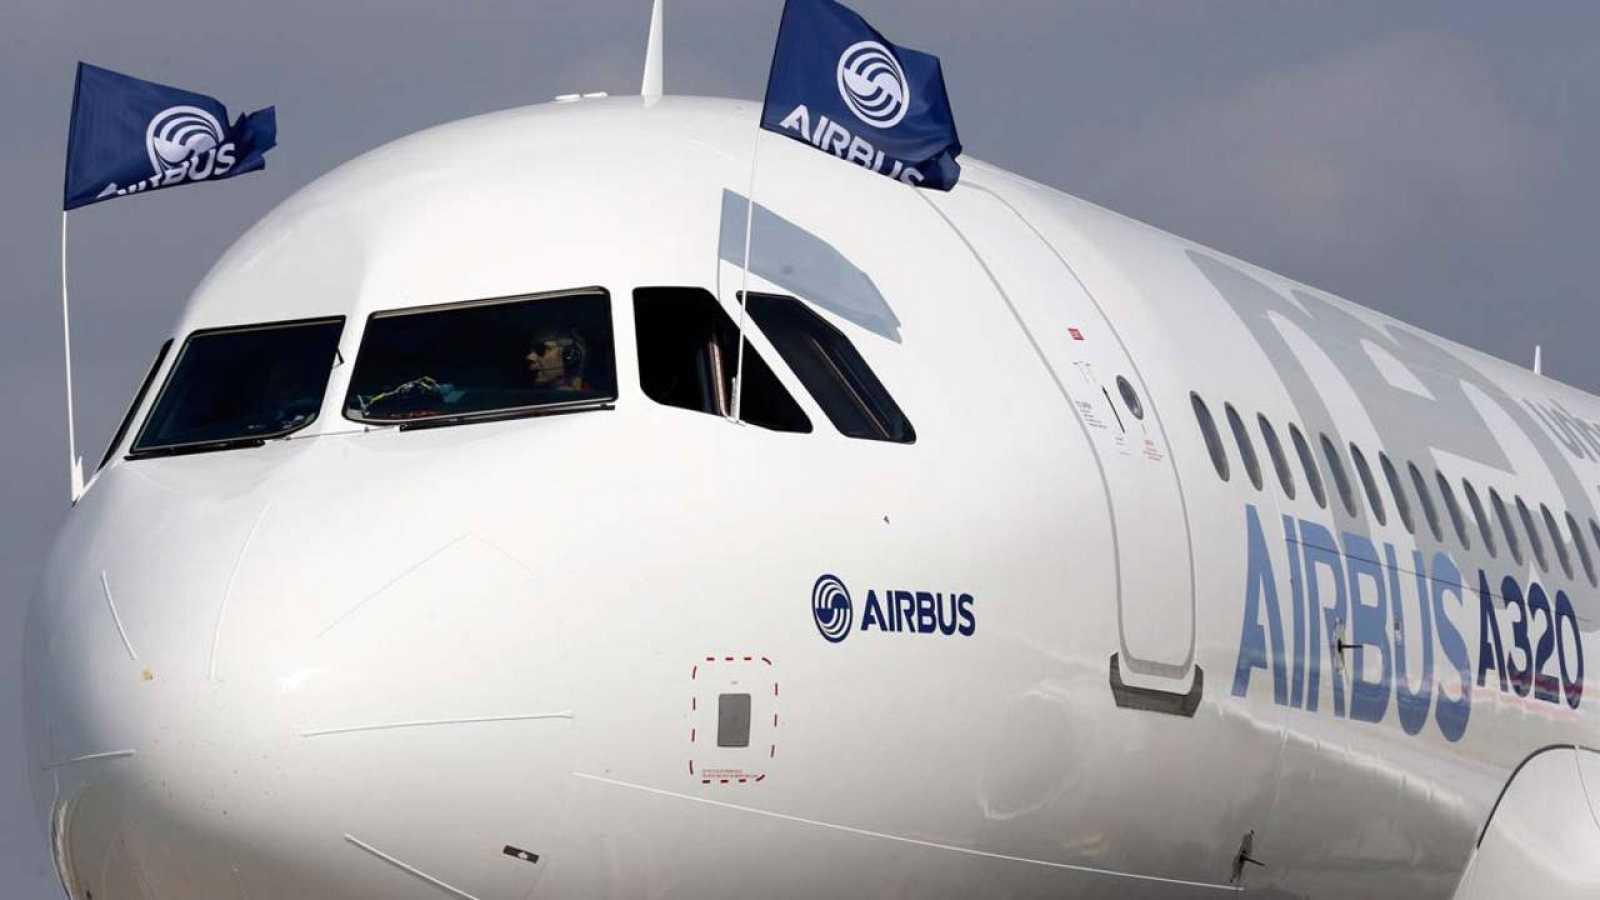 Cabina de un avión Airbus 320neo